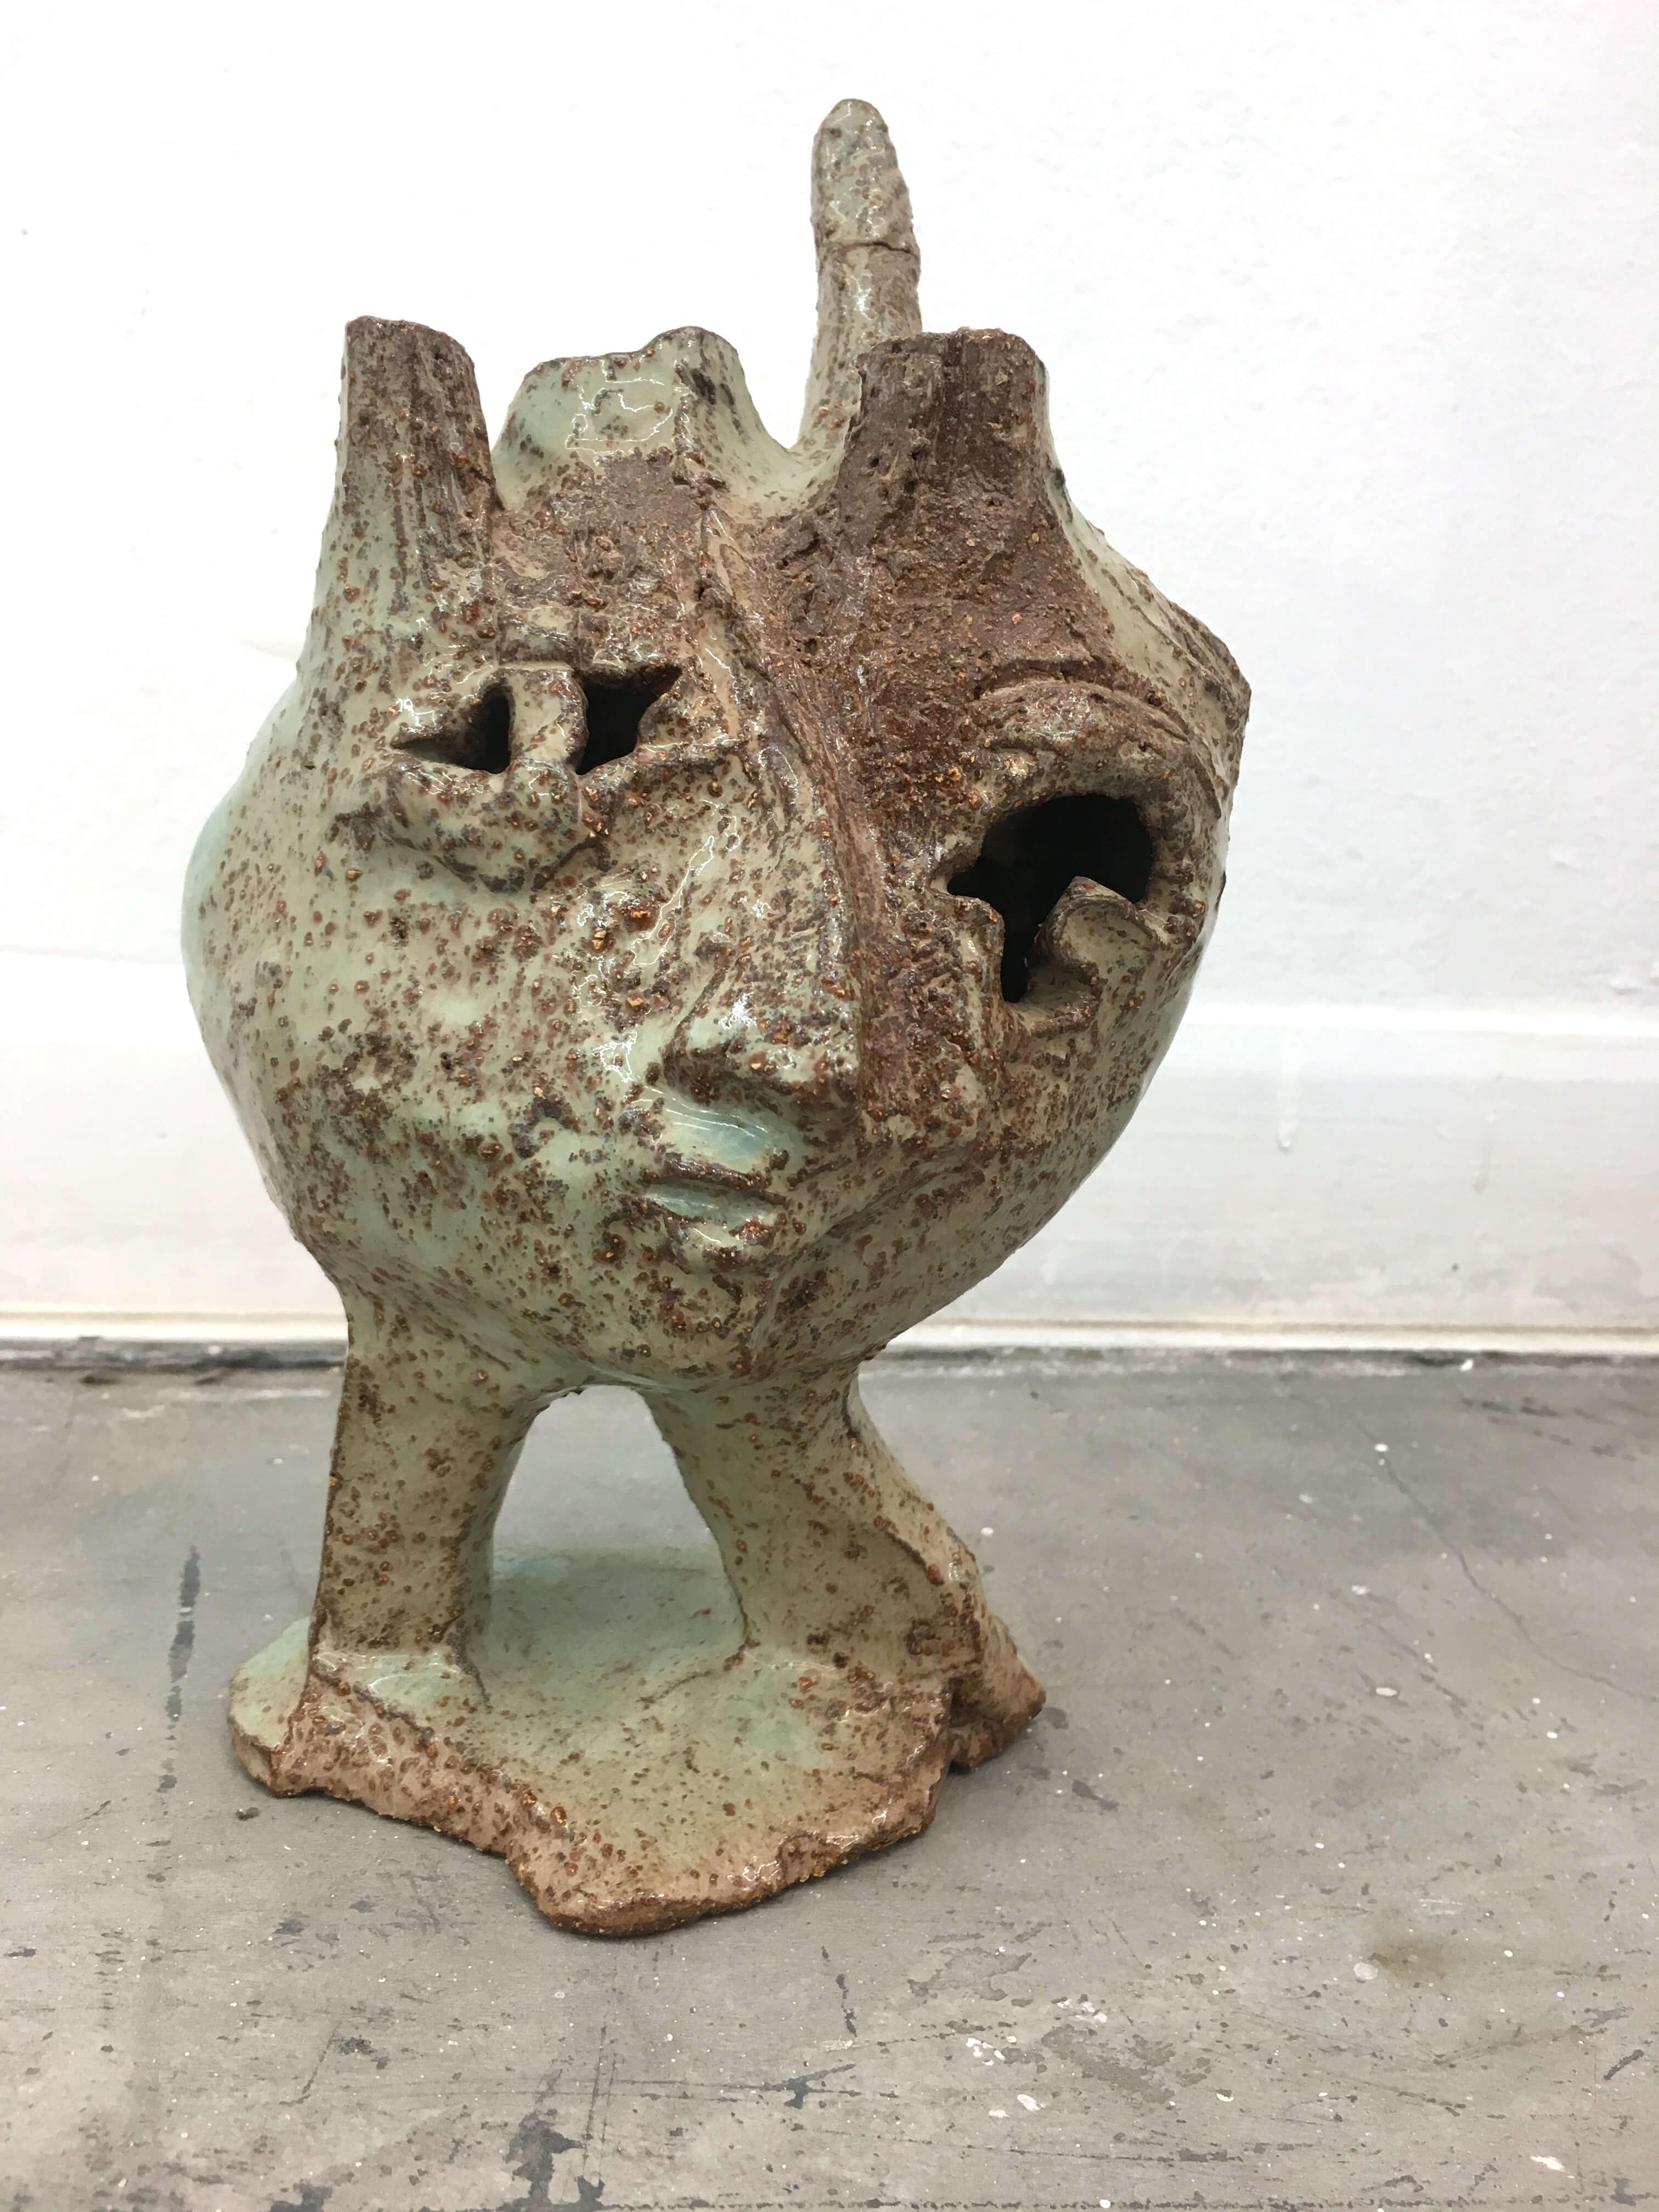 1469_Yehezkel Streichman, Ceramic, H-22 cm (3)-3024x4032